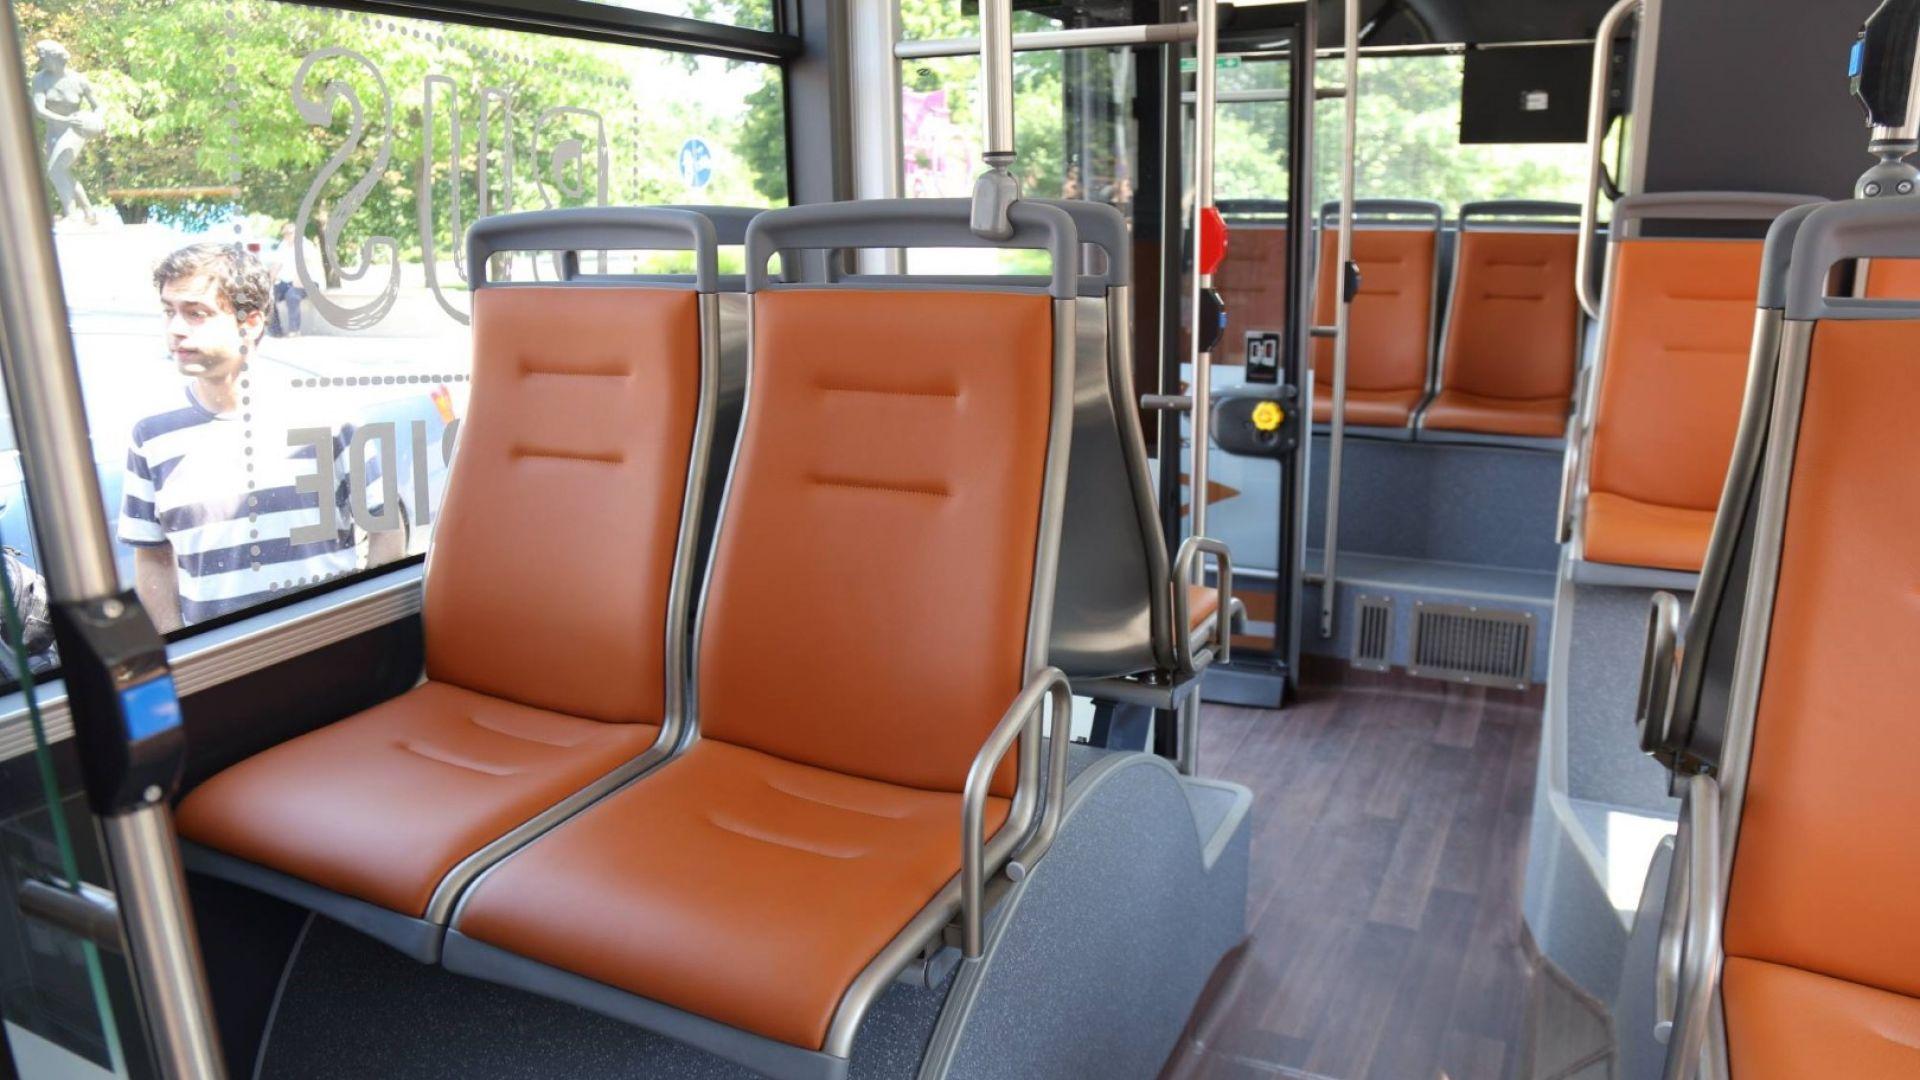 Столична община си върна 5 линии на градския транспорт от частни оператори